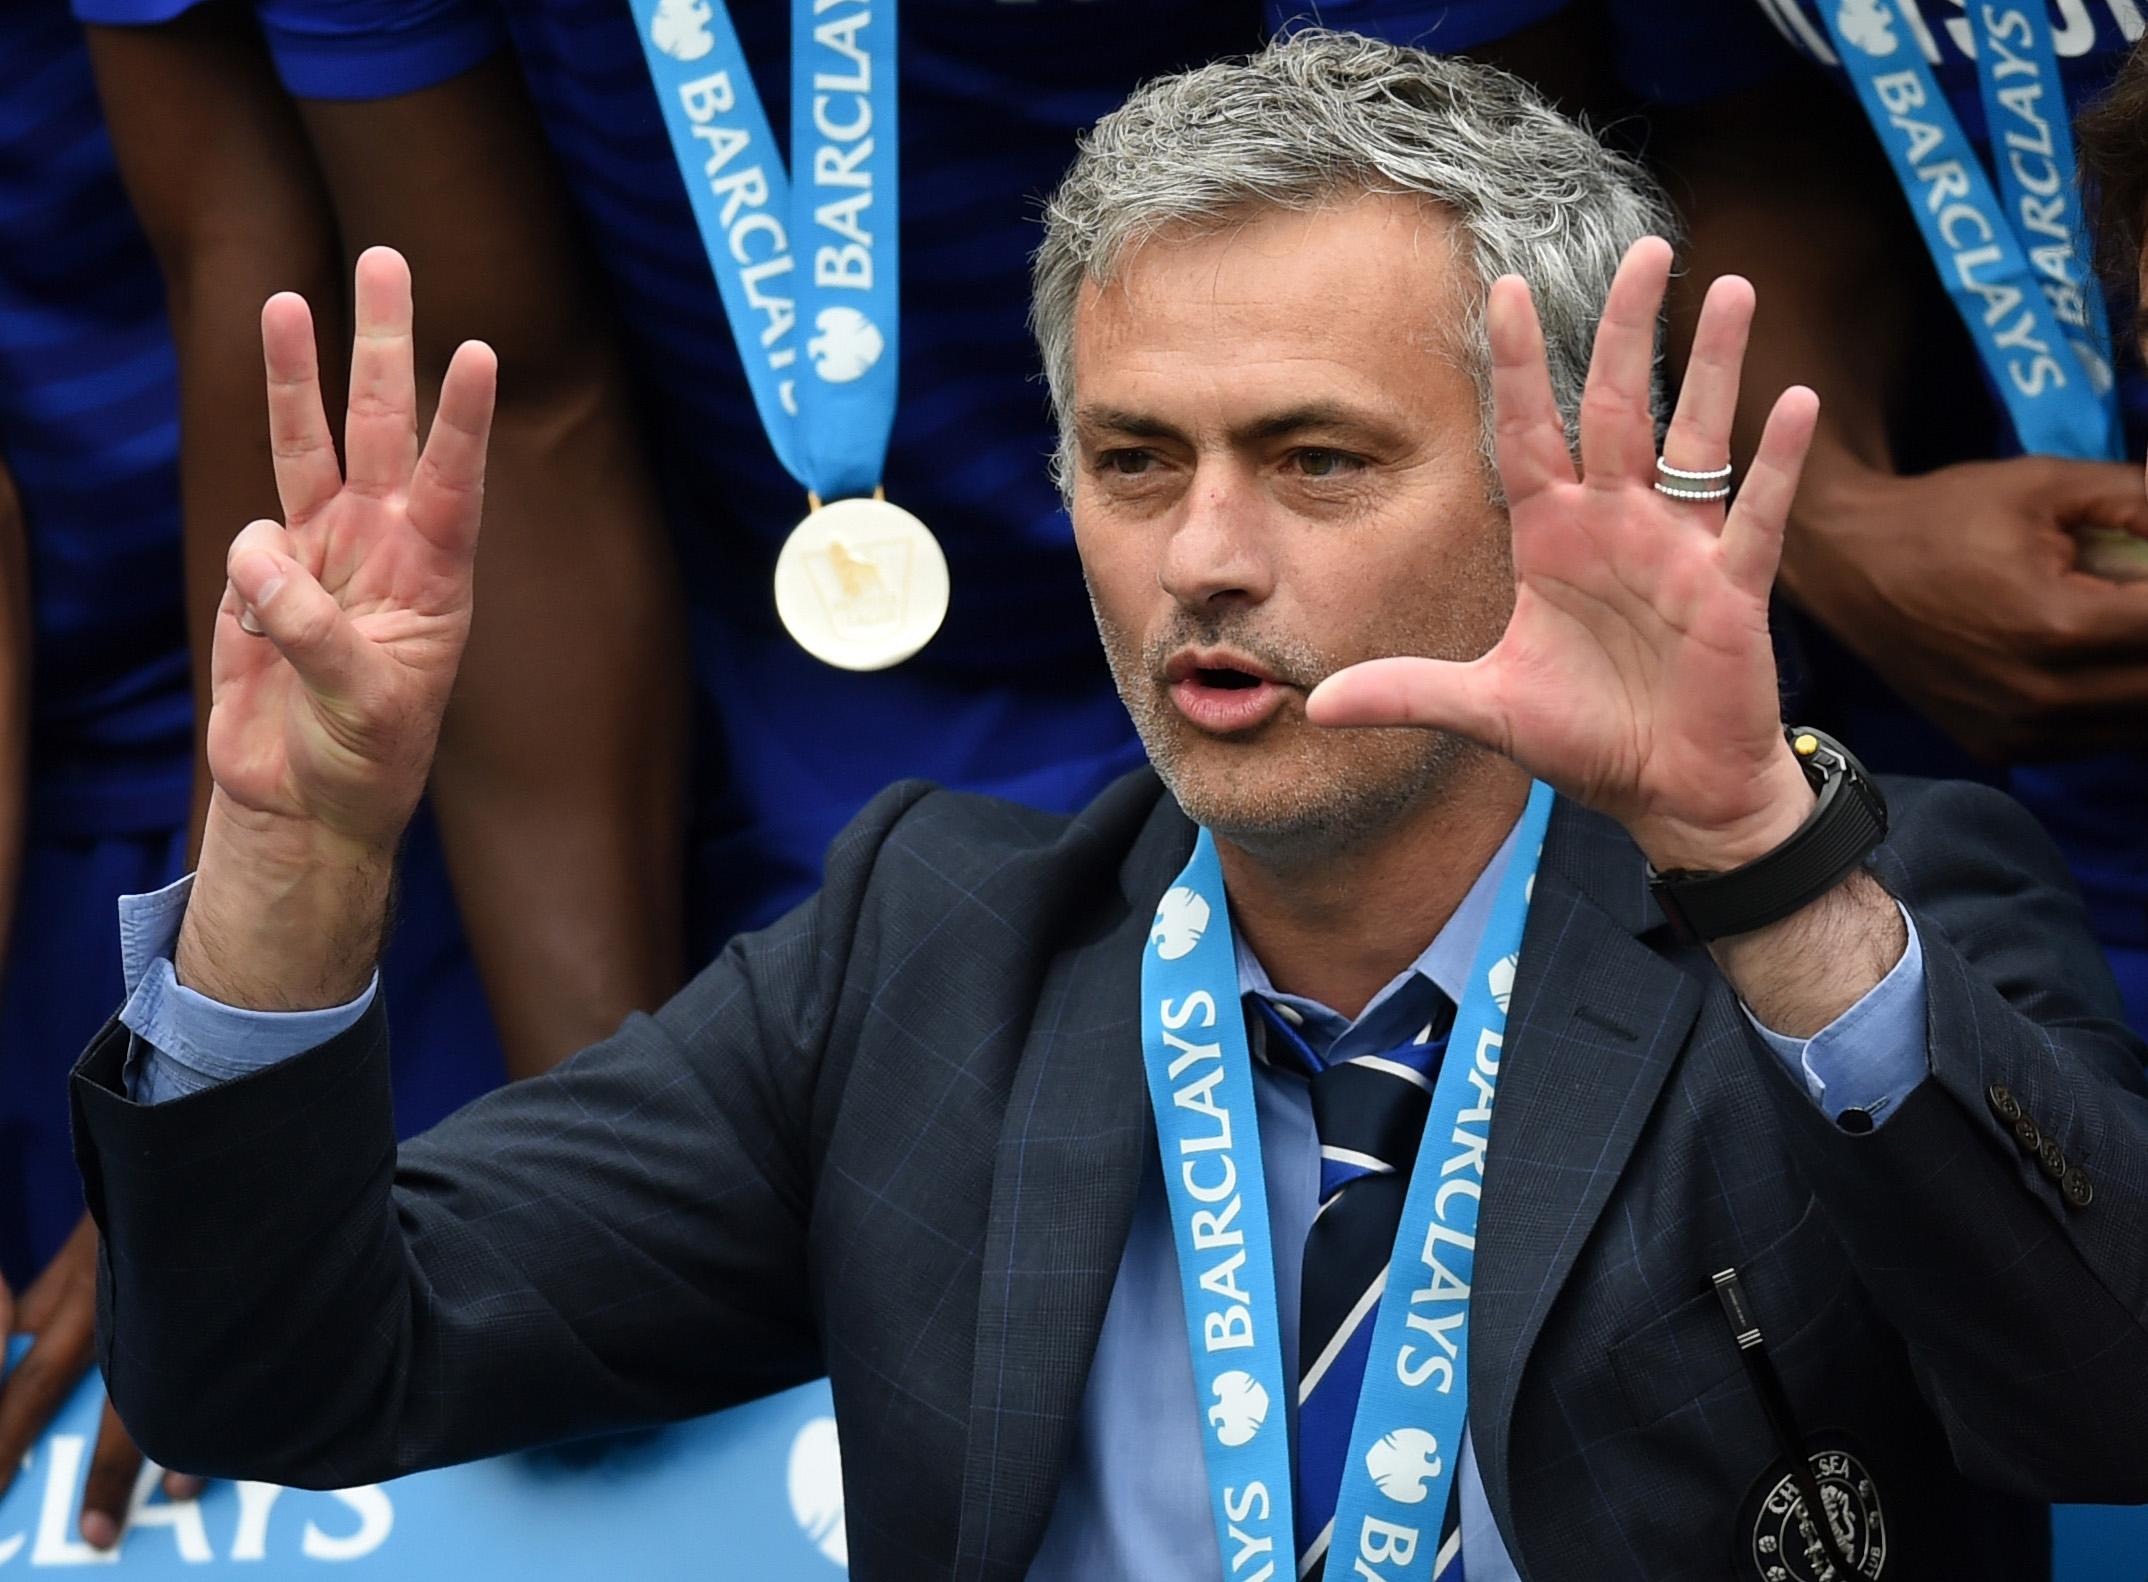 José Mourinho festeggia l'ultima Premier conquistata col Chelsea